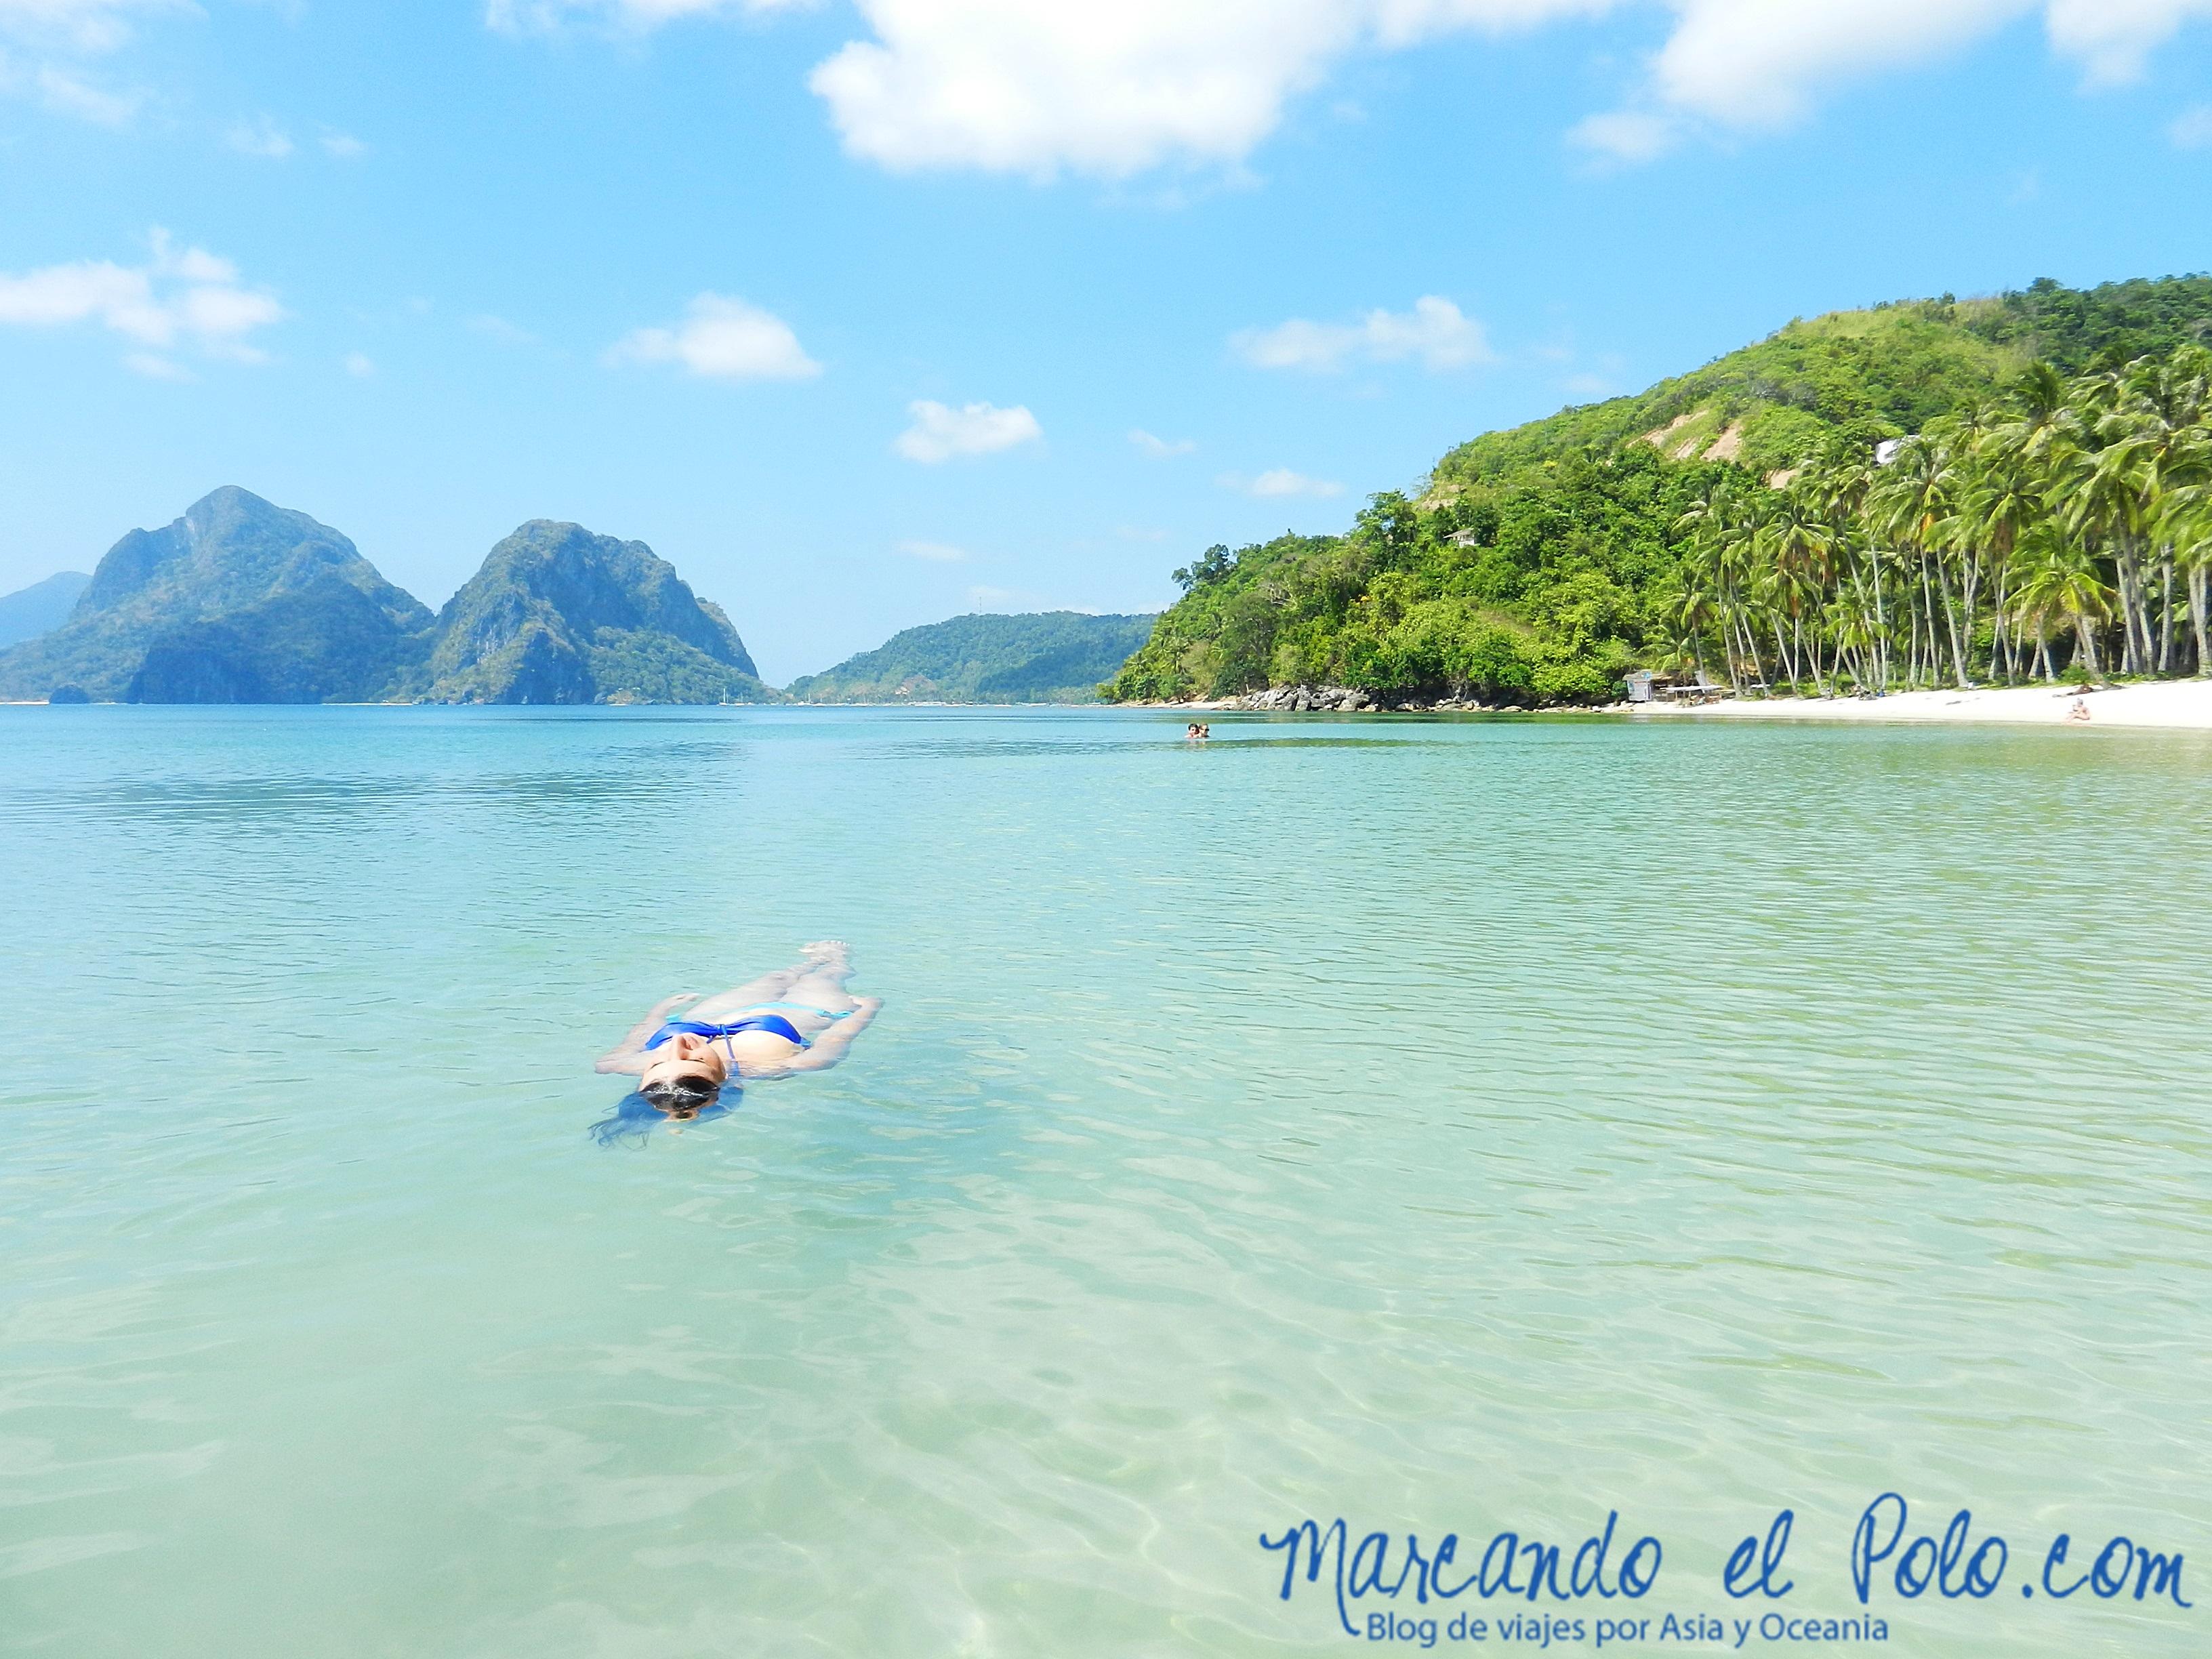 Viajar a Palawan: Las Cabañas, El Nido.